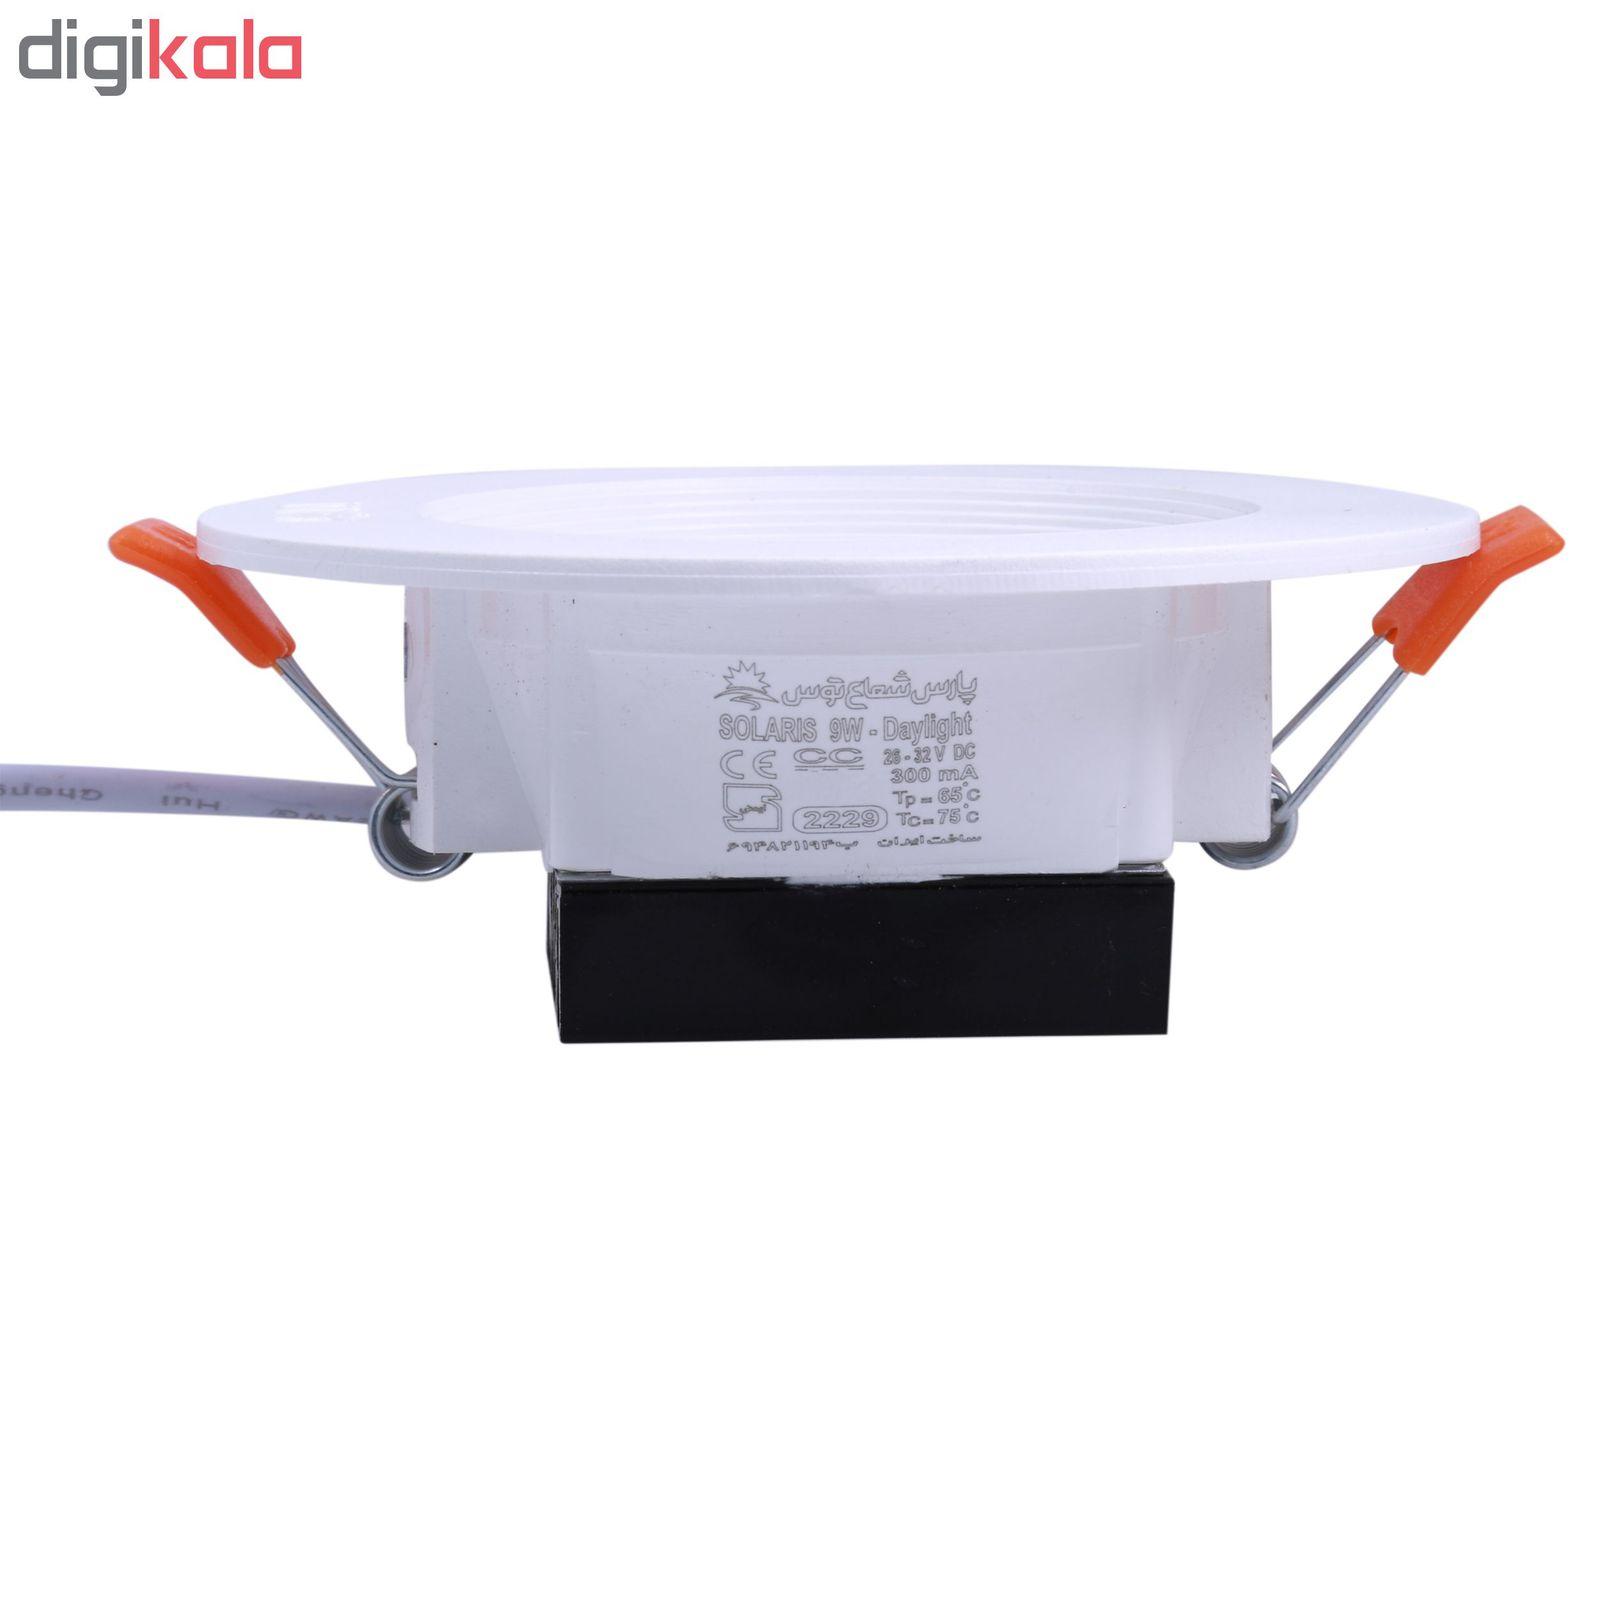 پنل ال ای دی 9 وات پارس شعاع توس مدل PT-SOL9 بسته 5عددی main 1 3